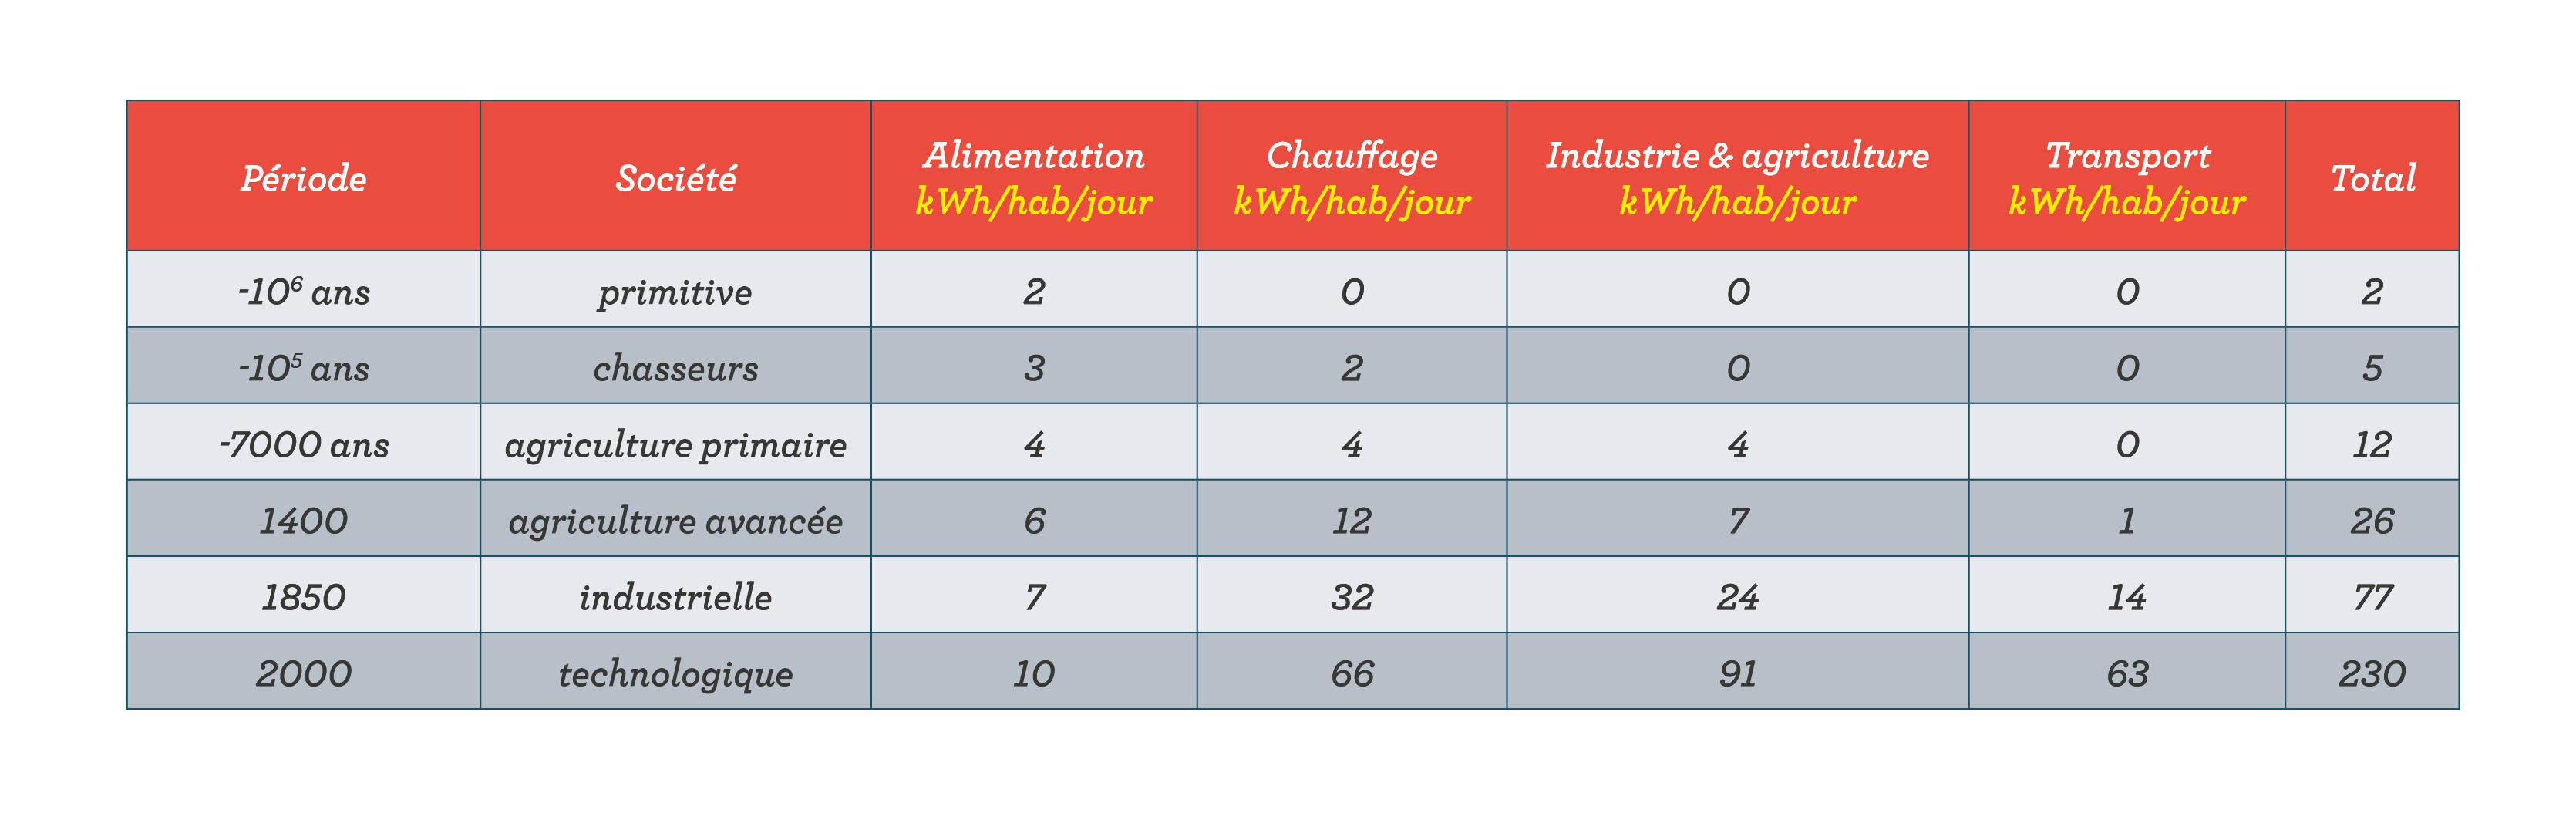 Évolution de la demande énergétique moyenne en fonction des sociétés en kWh/hab/jour sciences première